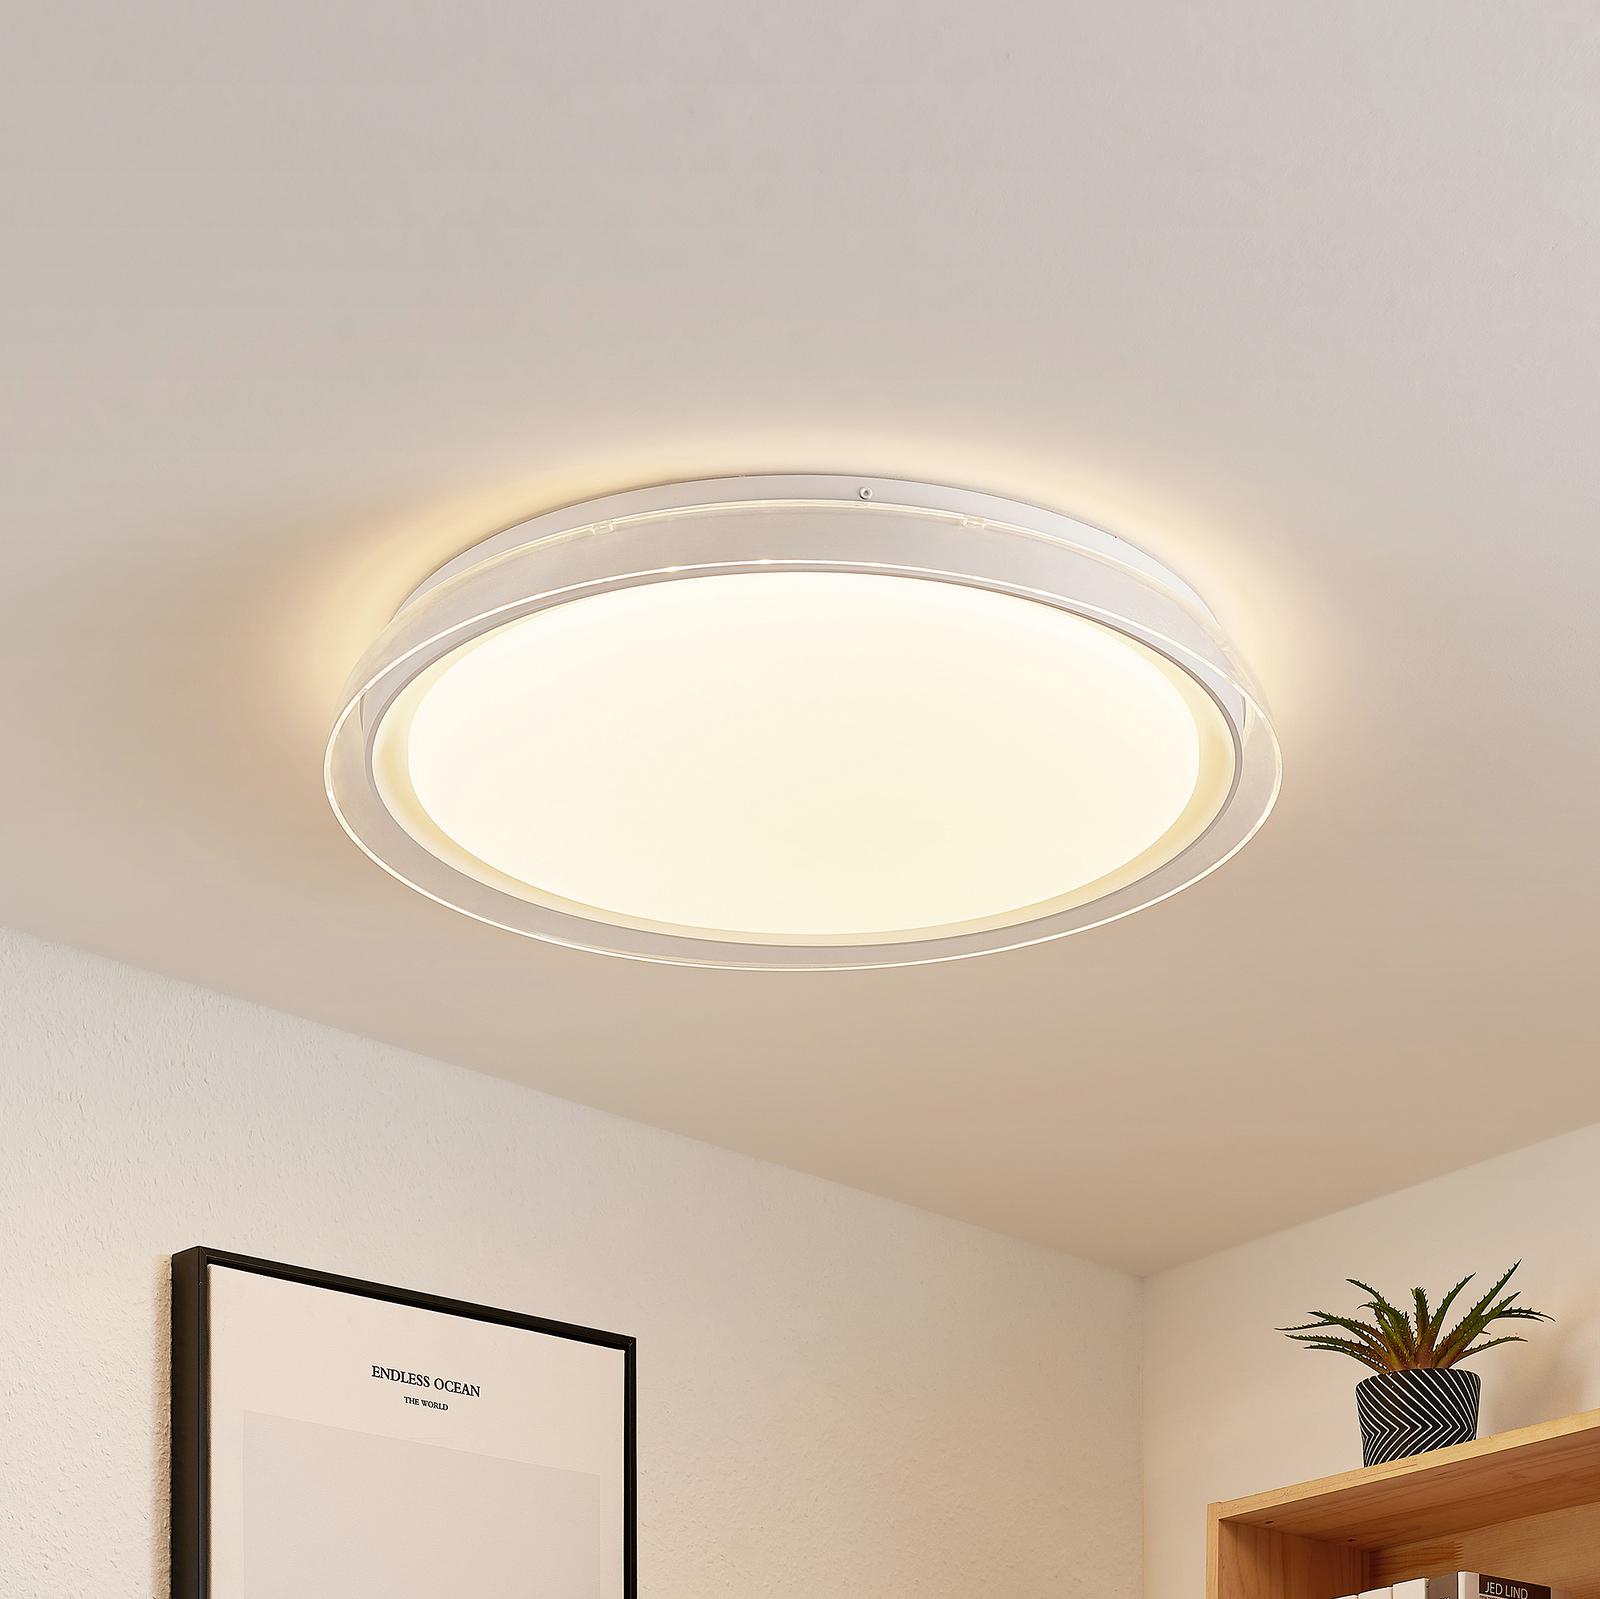 Lindby Sleya LED stropní svítidlo, CCT stmívatelné